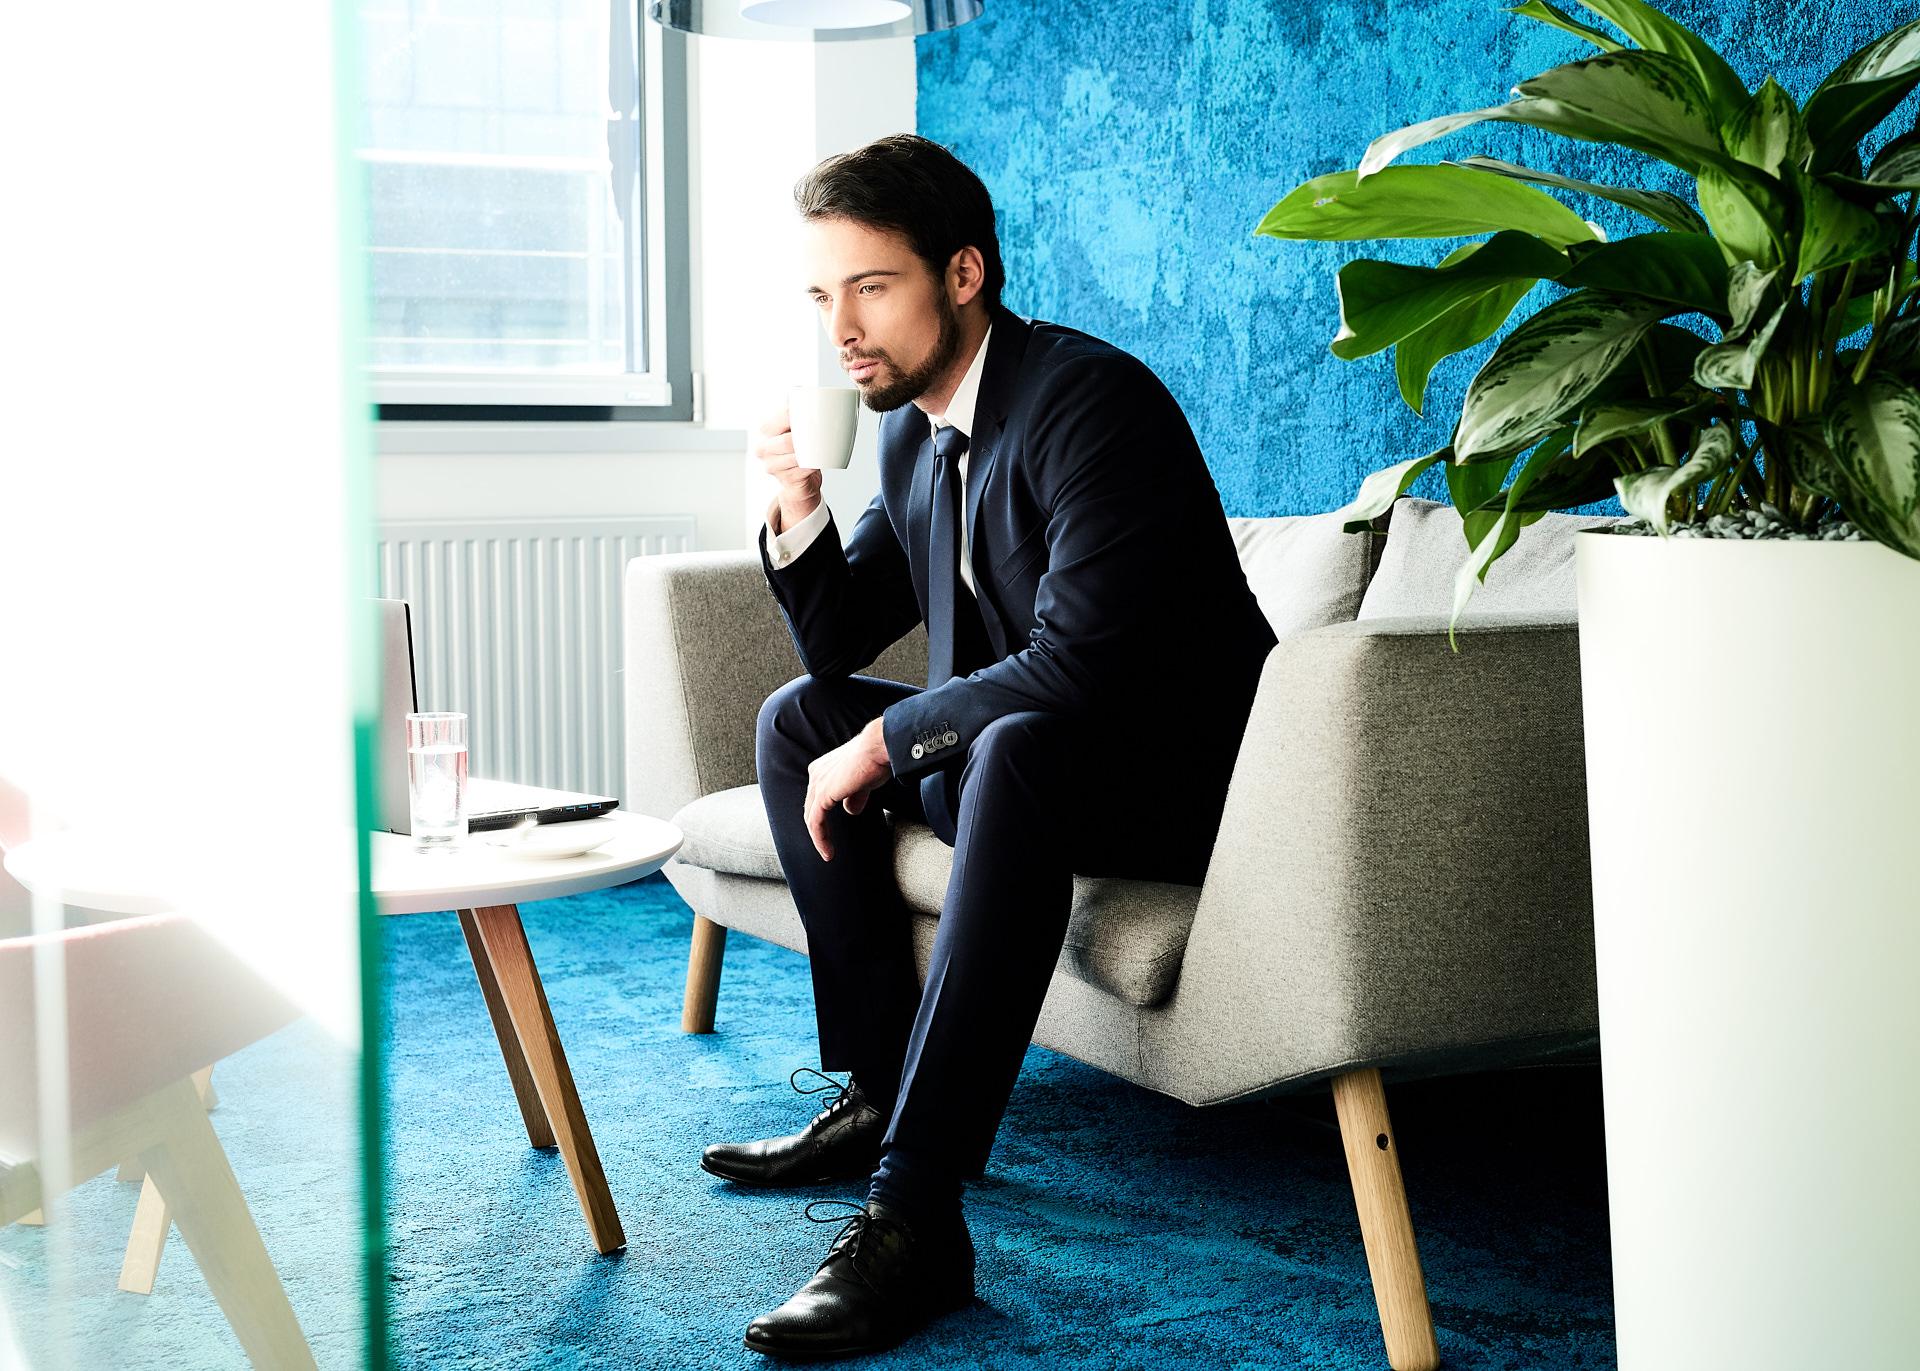 BusinessPortraits-FreiesShooting-MarkusSchnabl_059@jhoferfoto.at_web.jpg